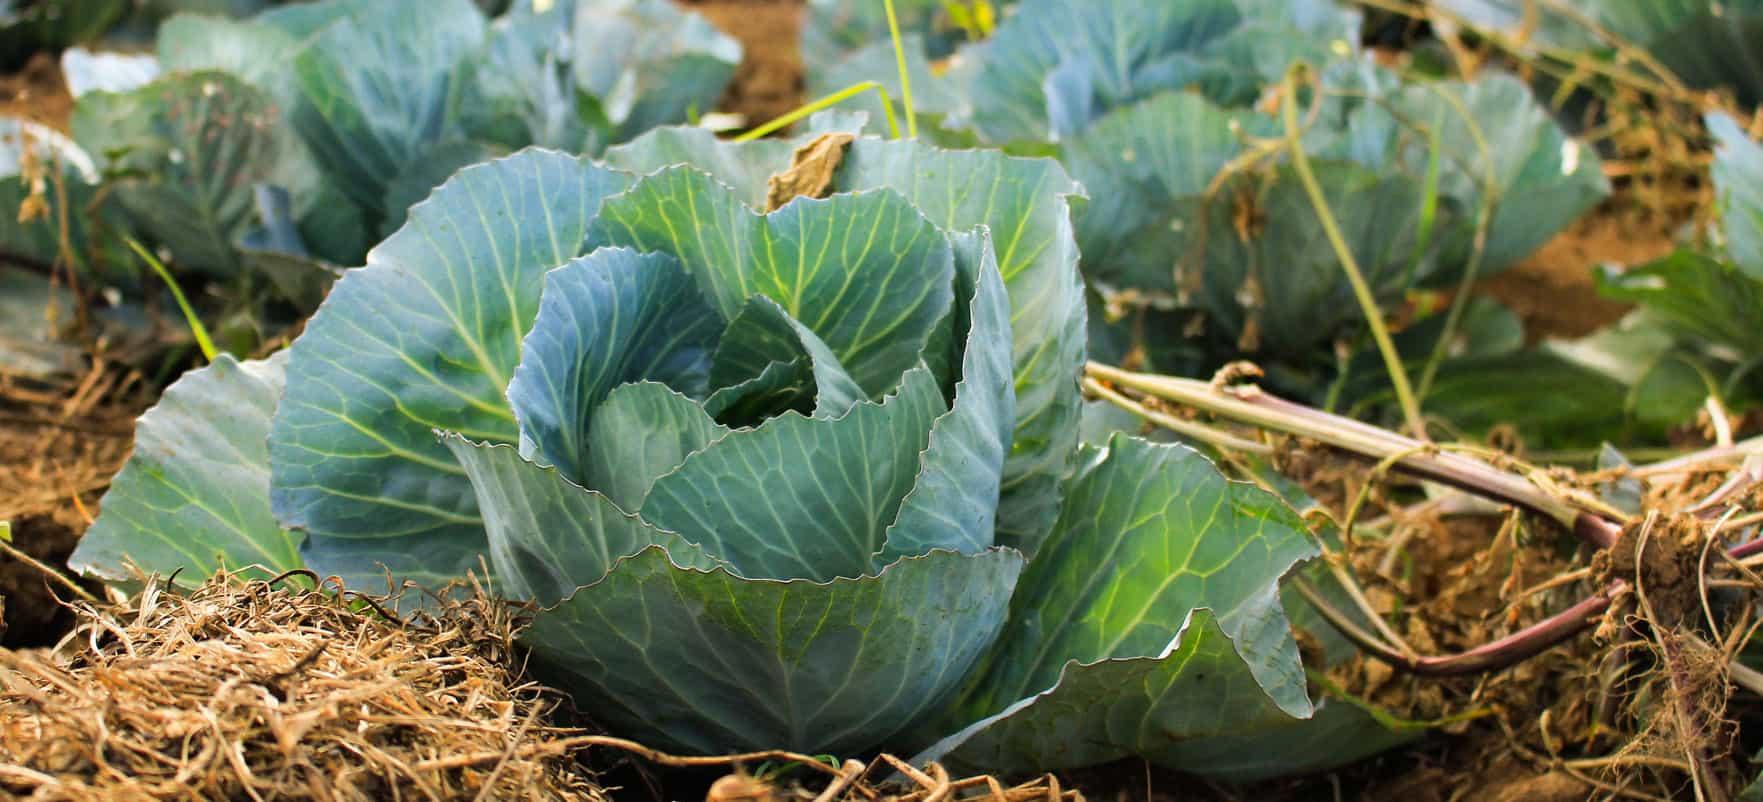 crop2